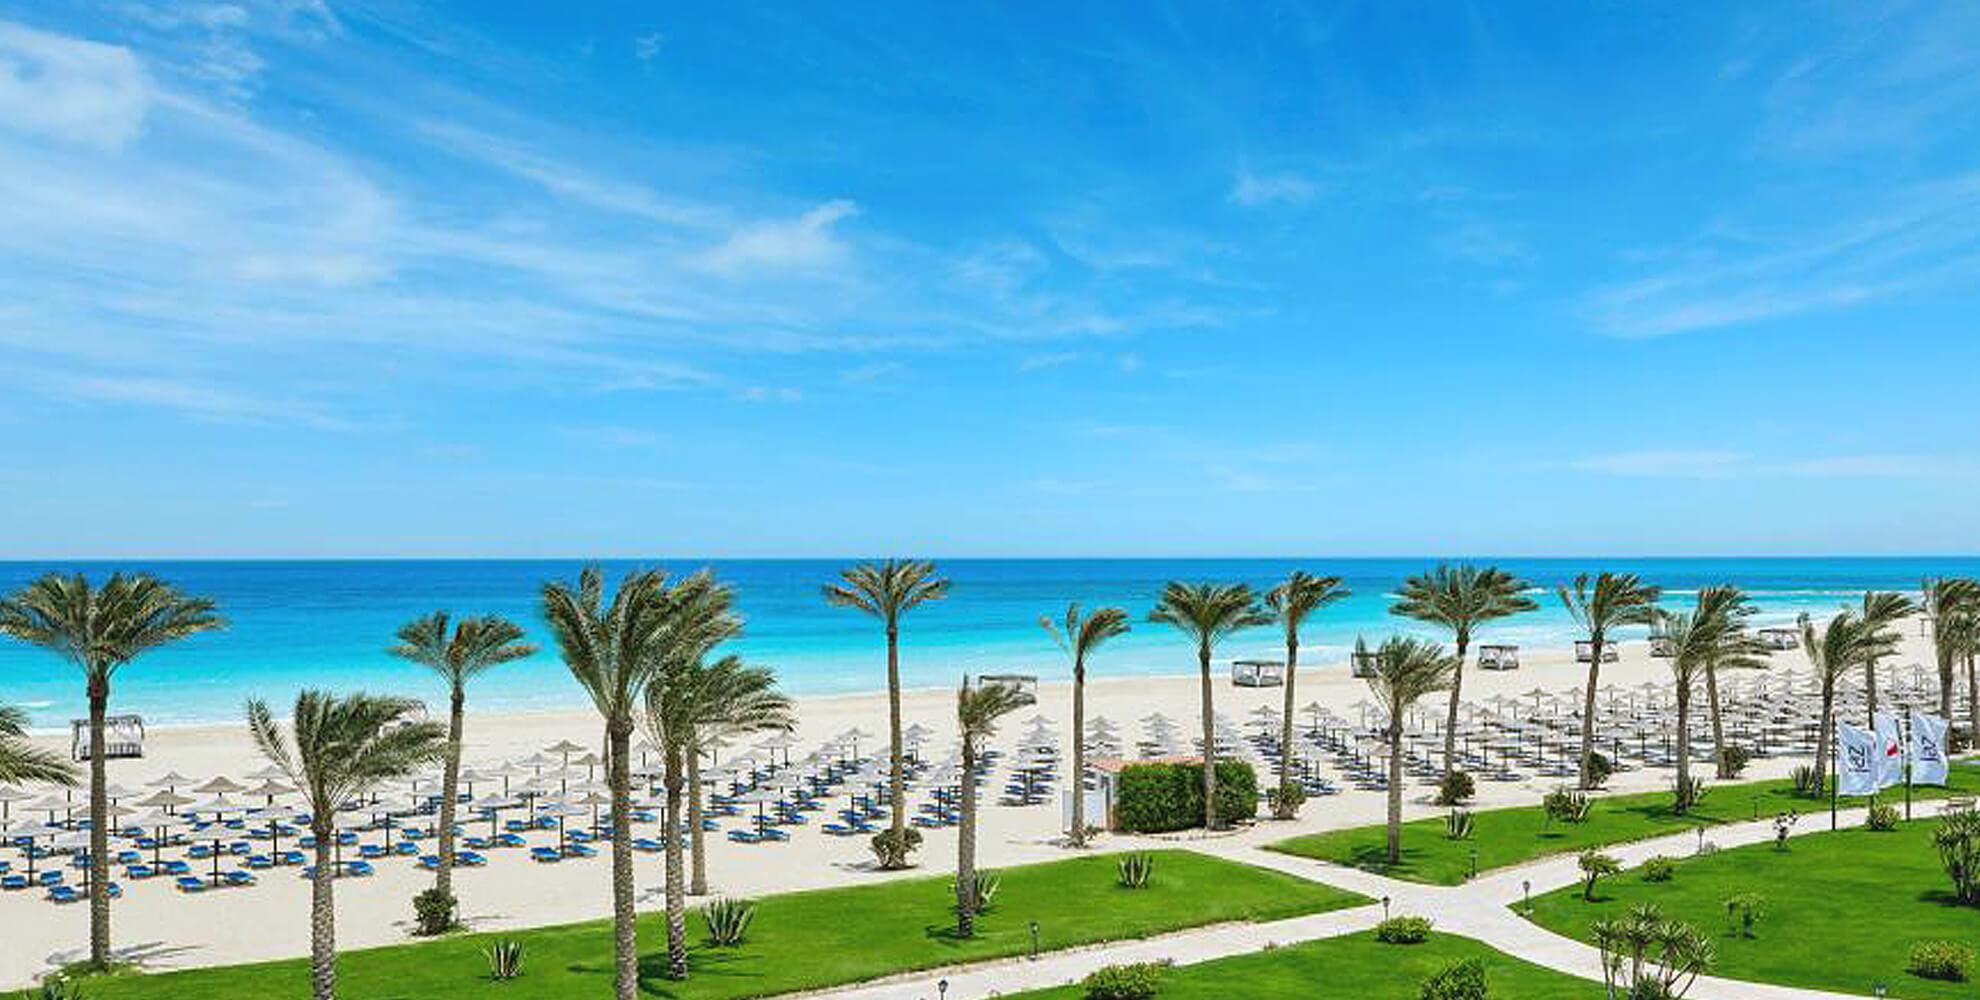 Badeorte am Mittelmeer